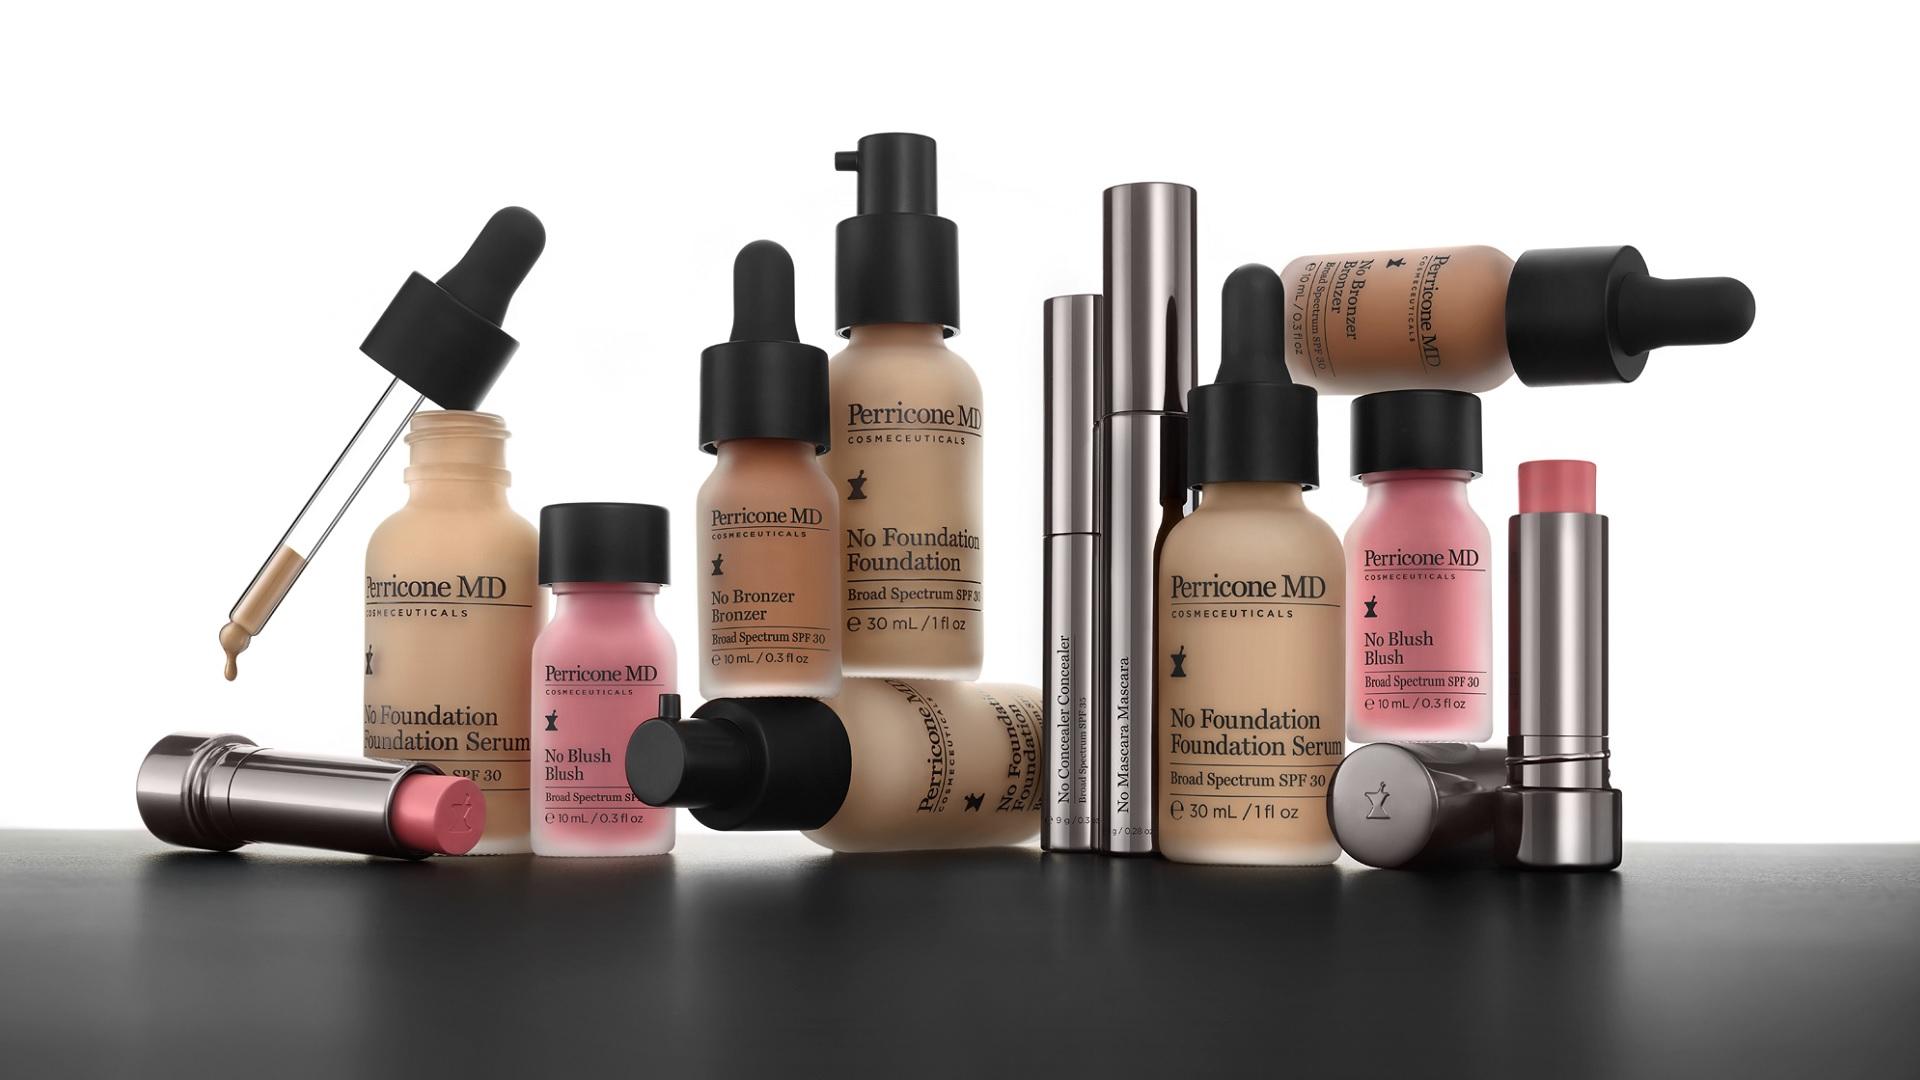 El maquillaje para no ir maquillada: No MakeUp Foundation de Perricone